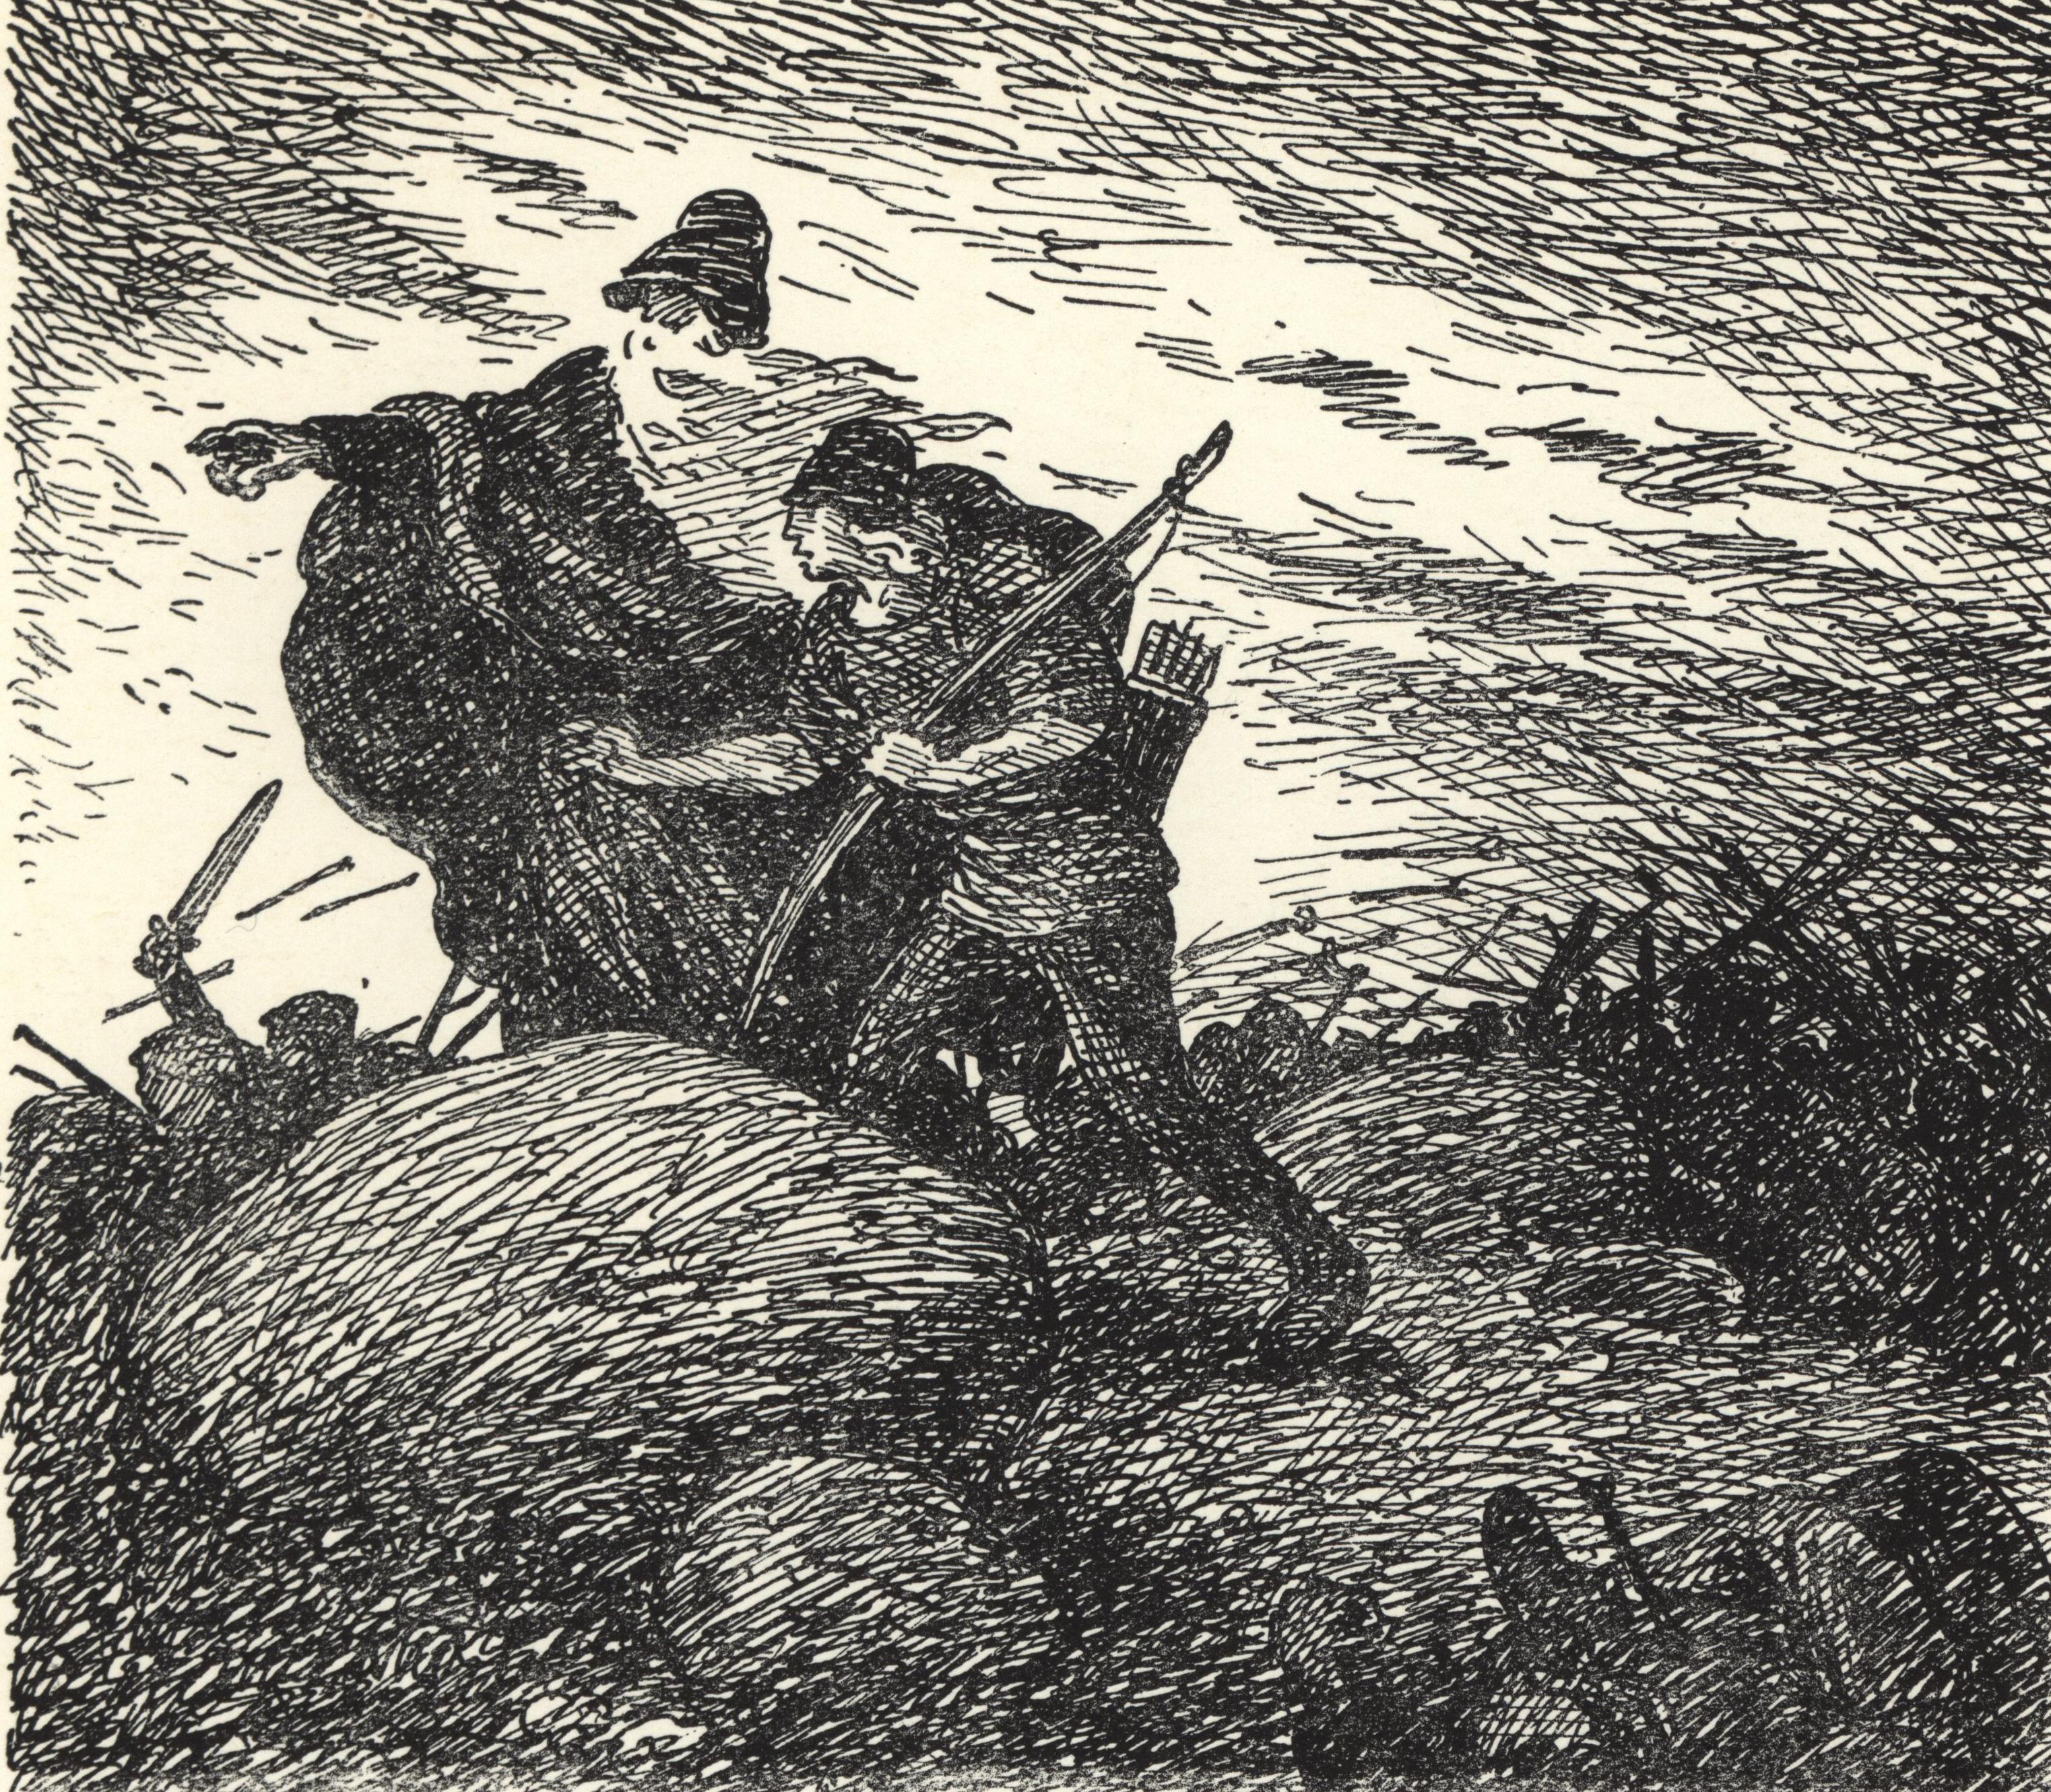 Óðinn and the Archer